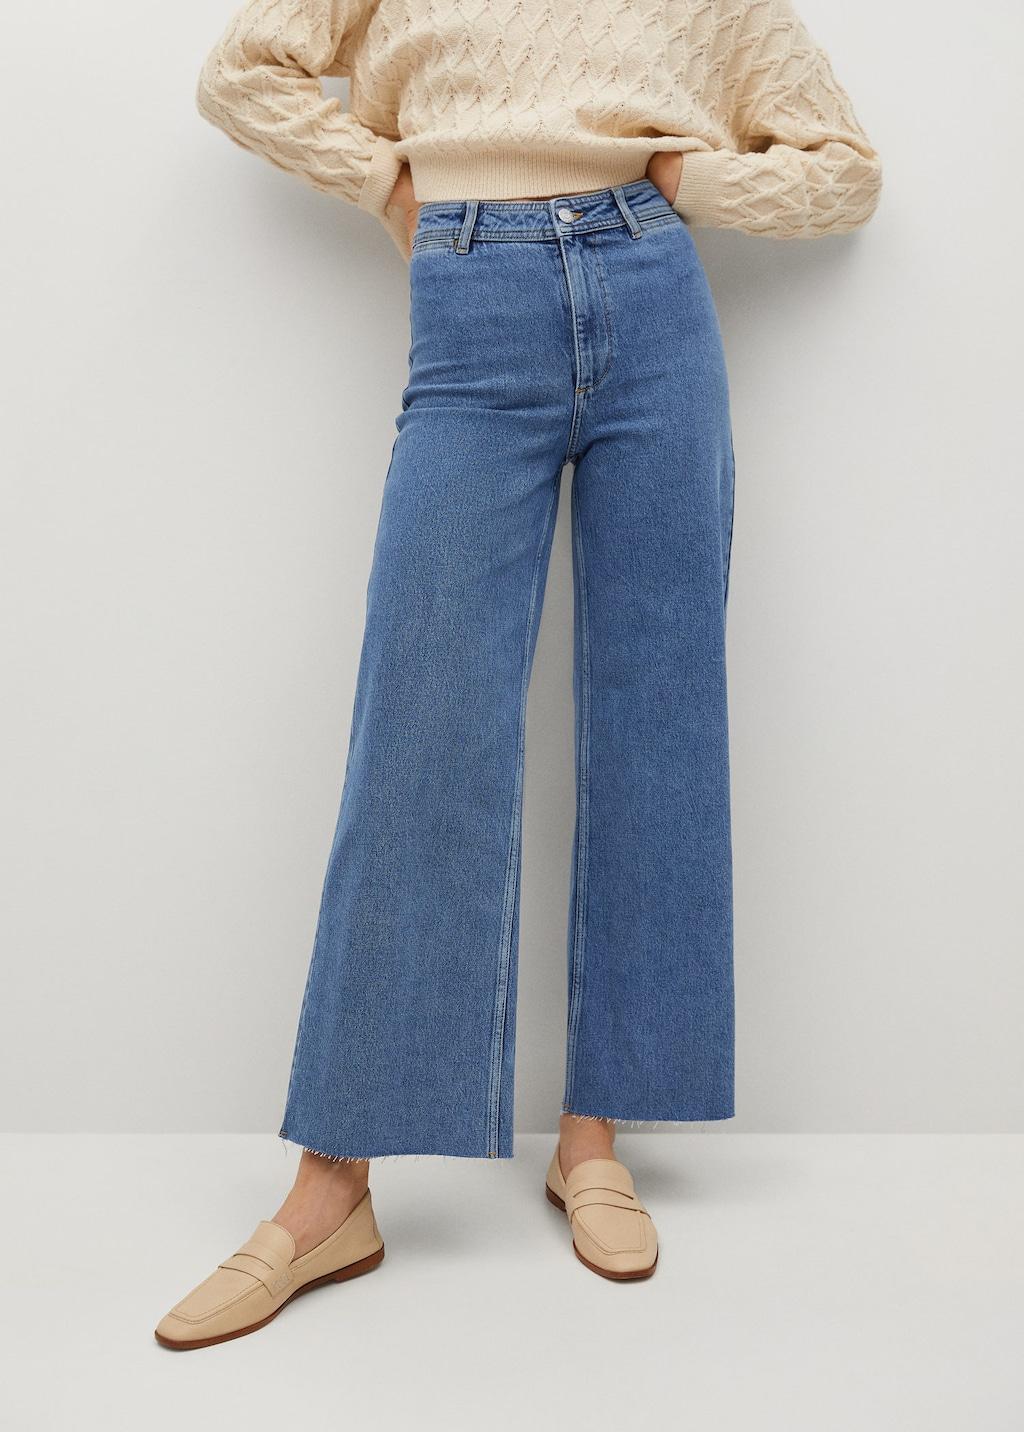 Jupe-culotte jean taille haute Mango